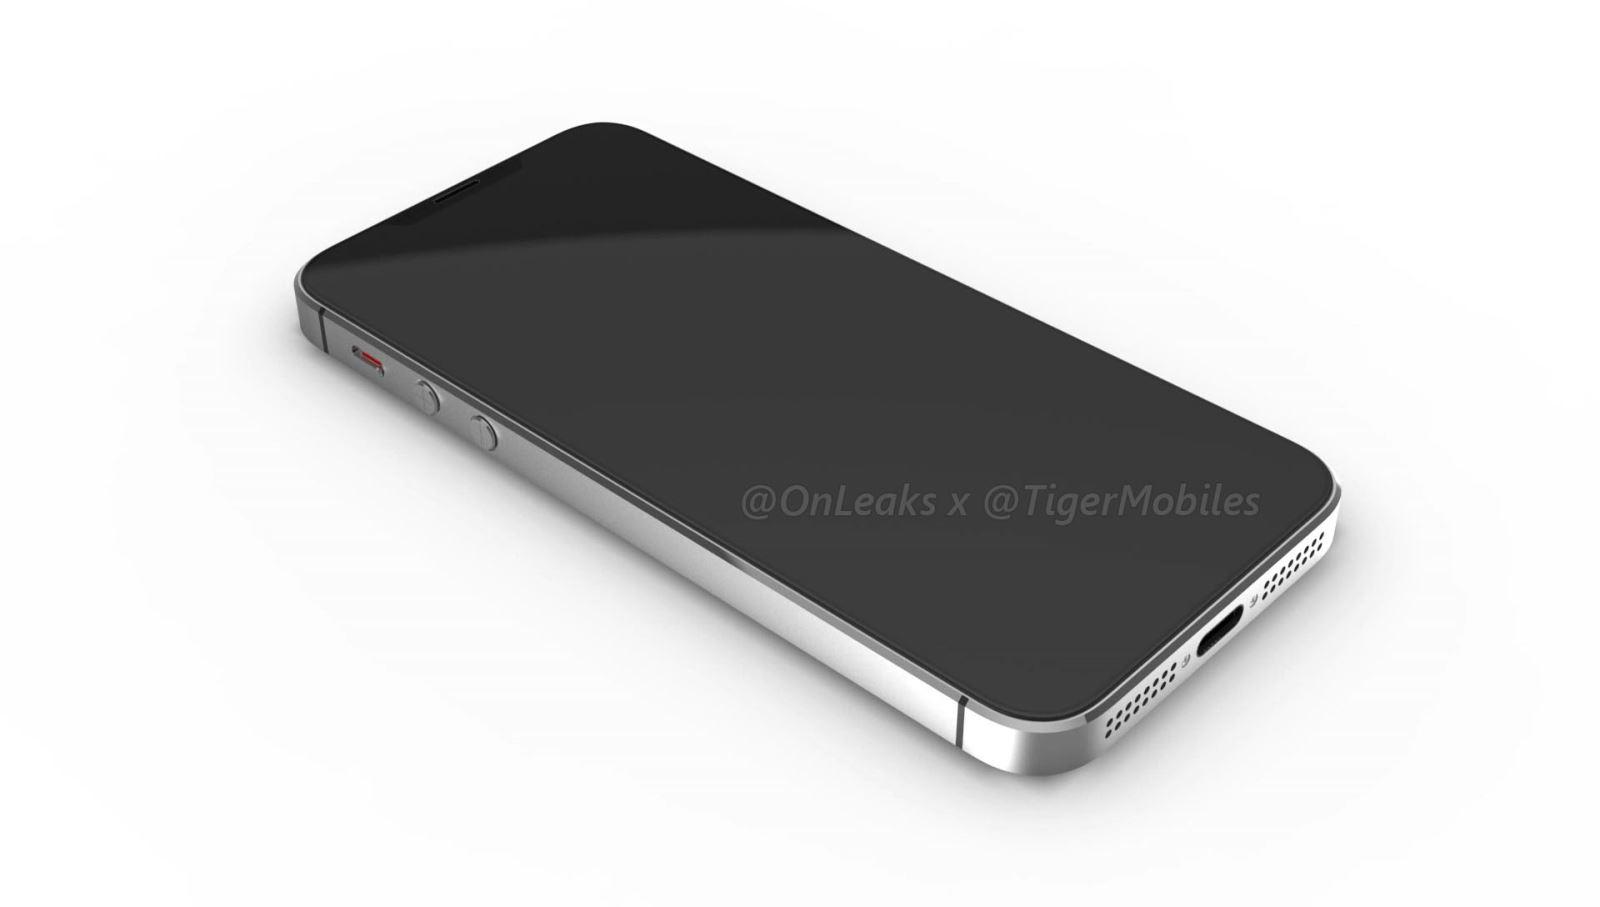 iPhone SE 2 xuất hiện cực đẹp với màn hình tràn cạnh, không còn jack tai nghe 3.5mm